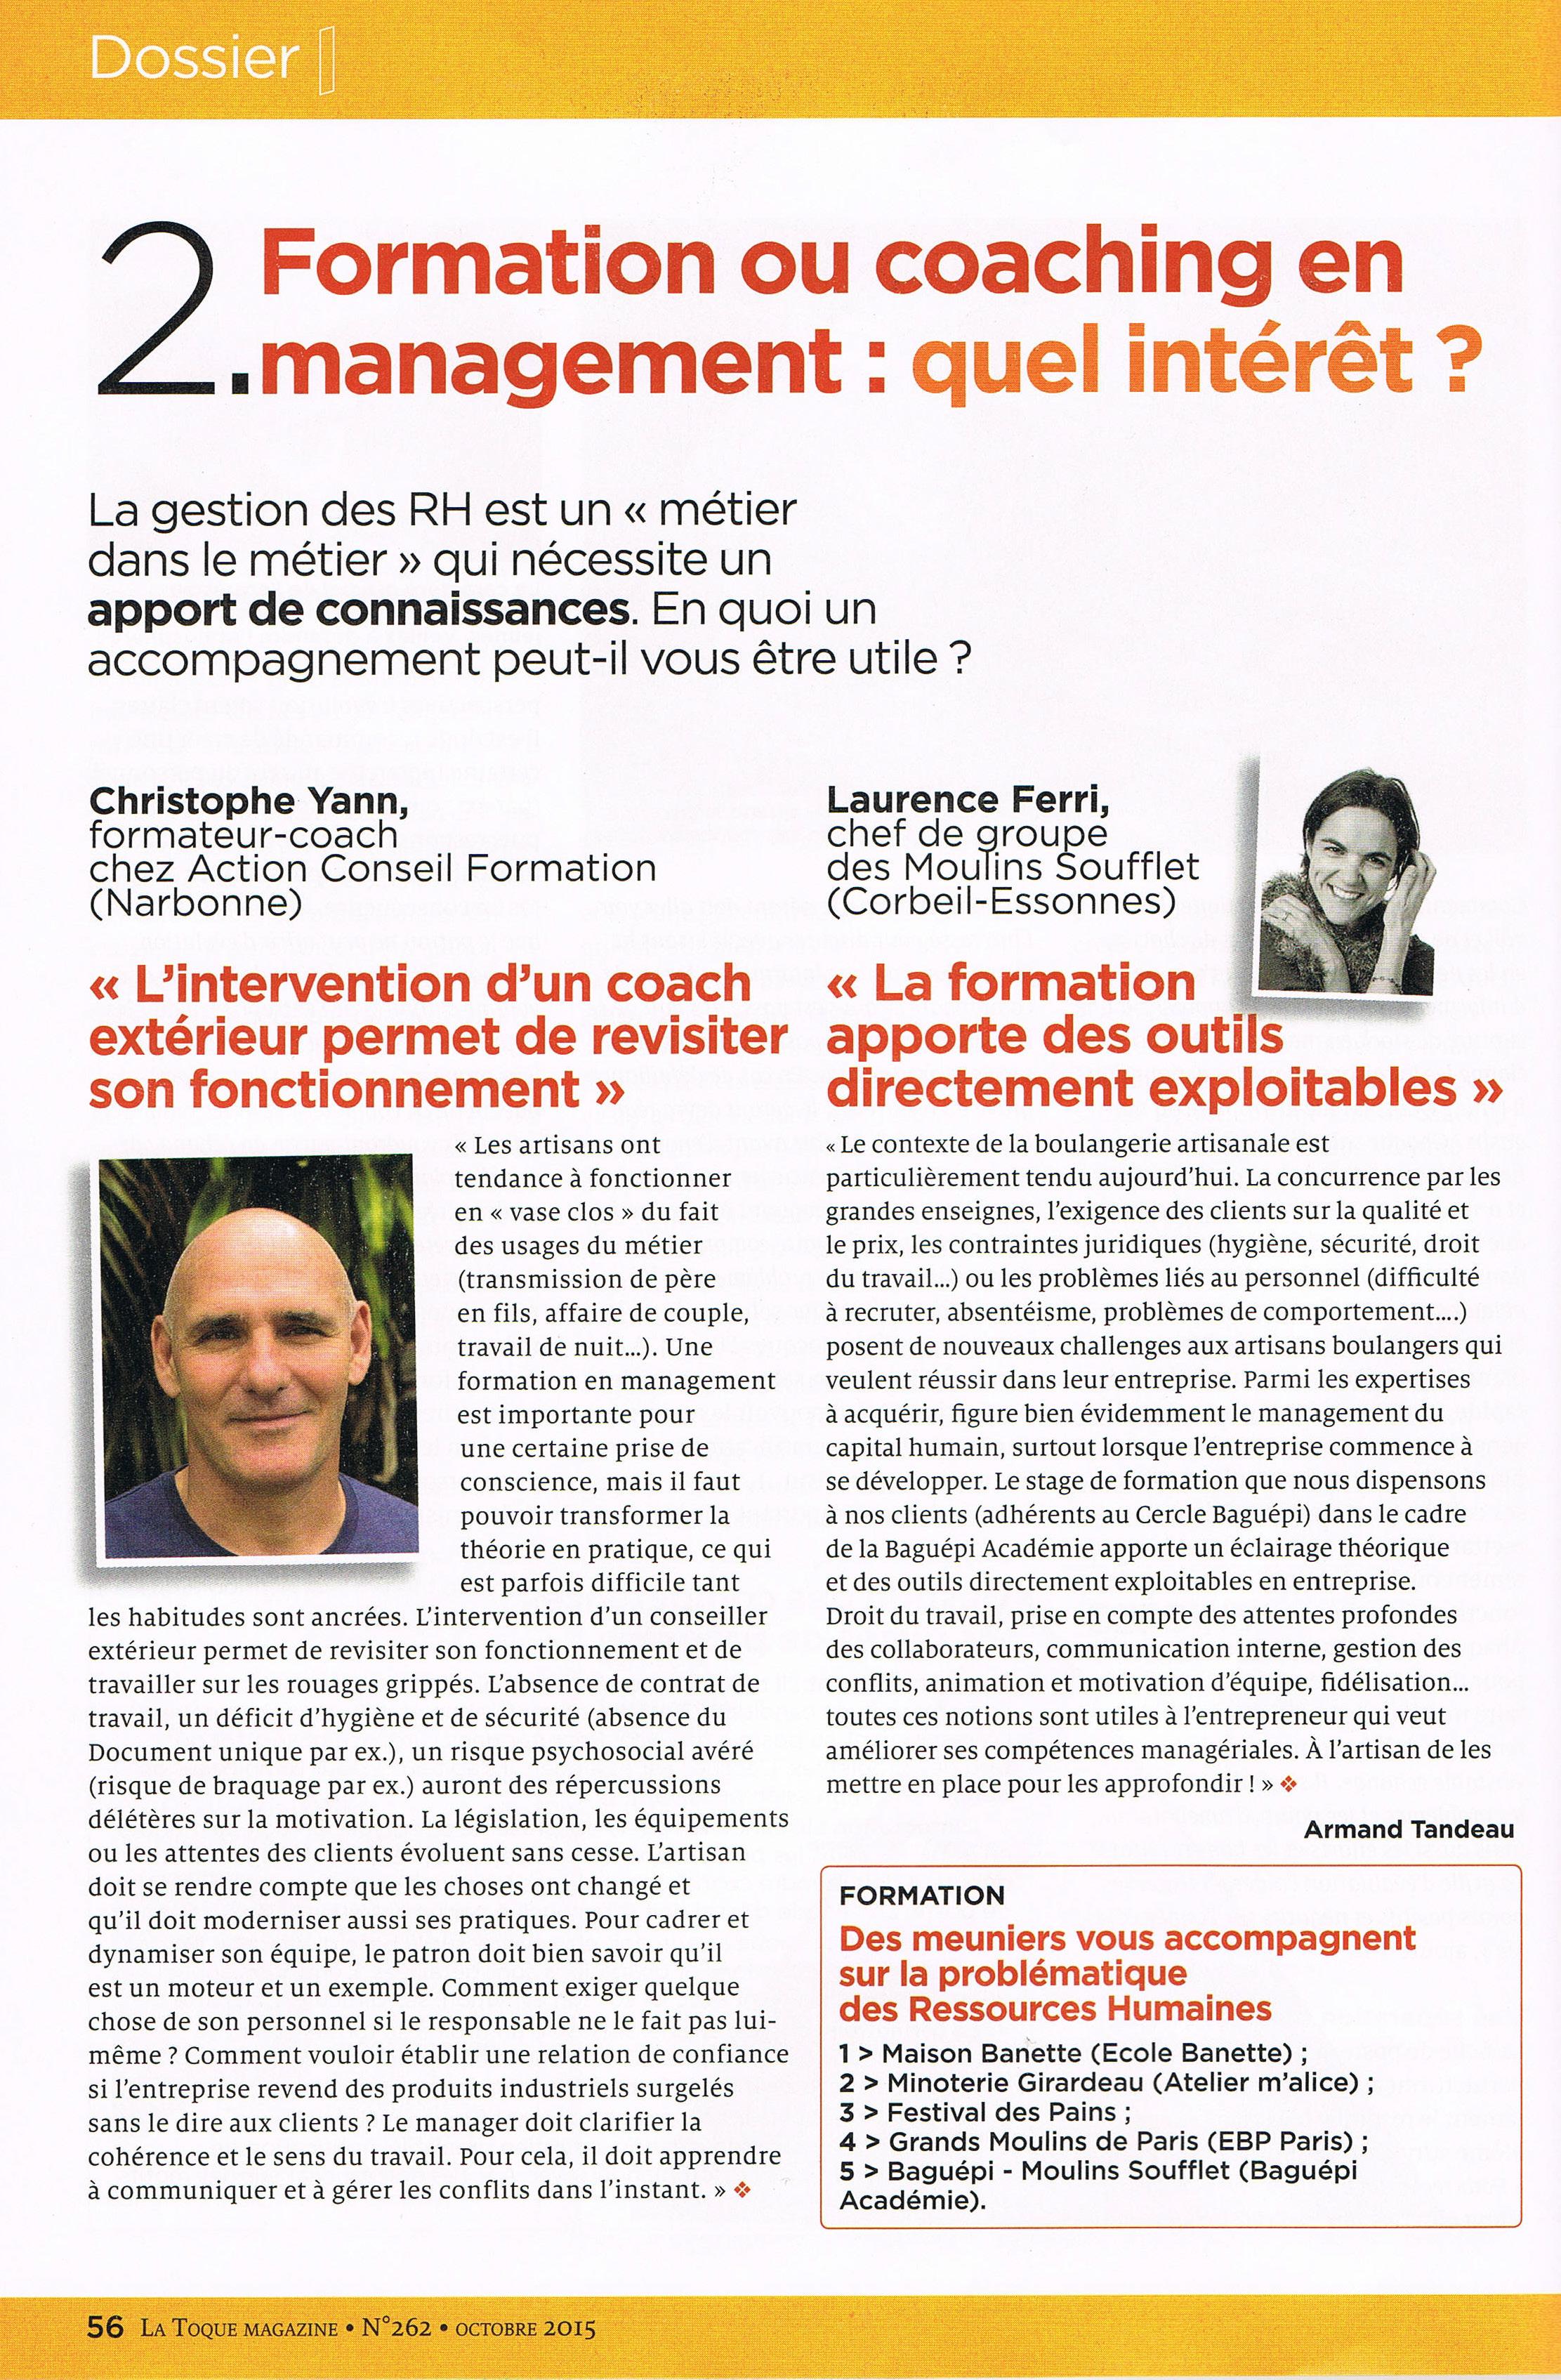 La Toque magazine 201514102015_00000